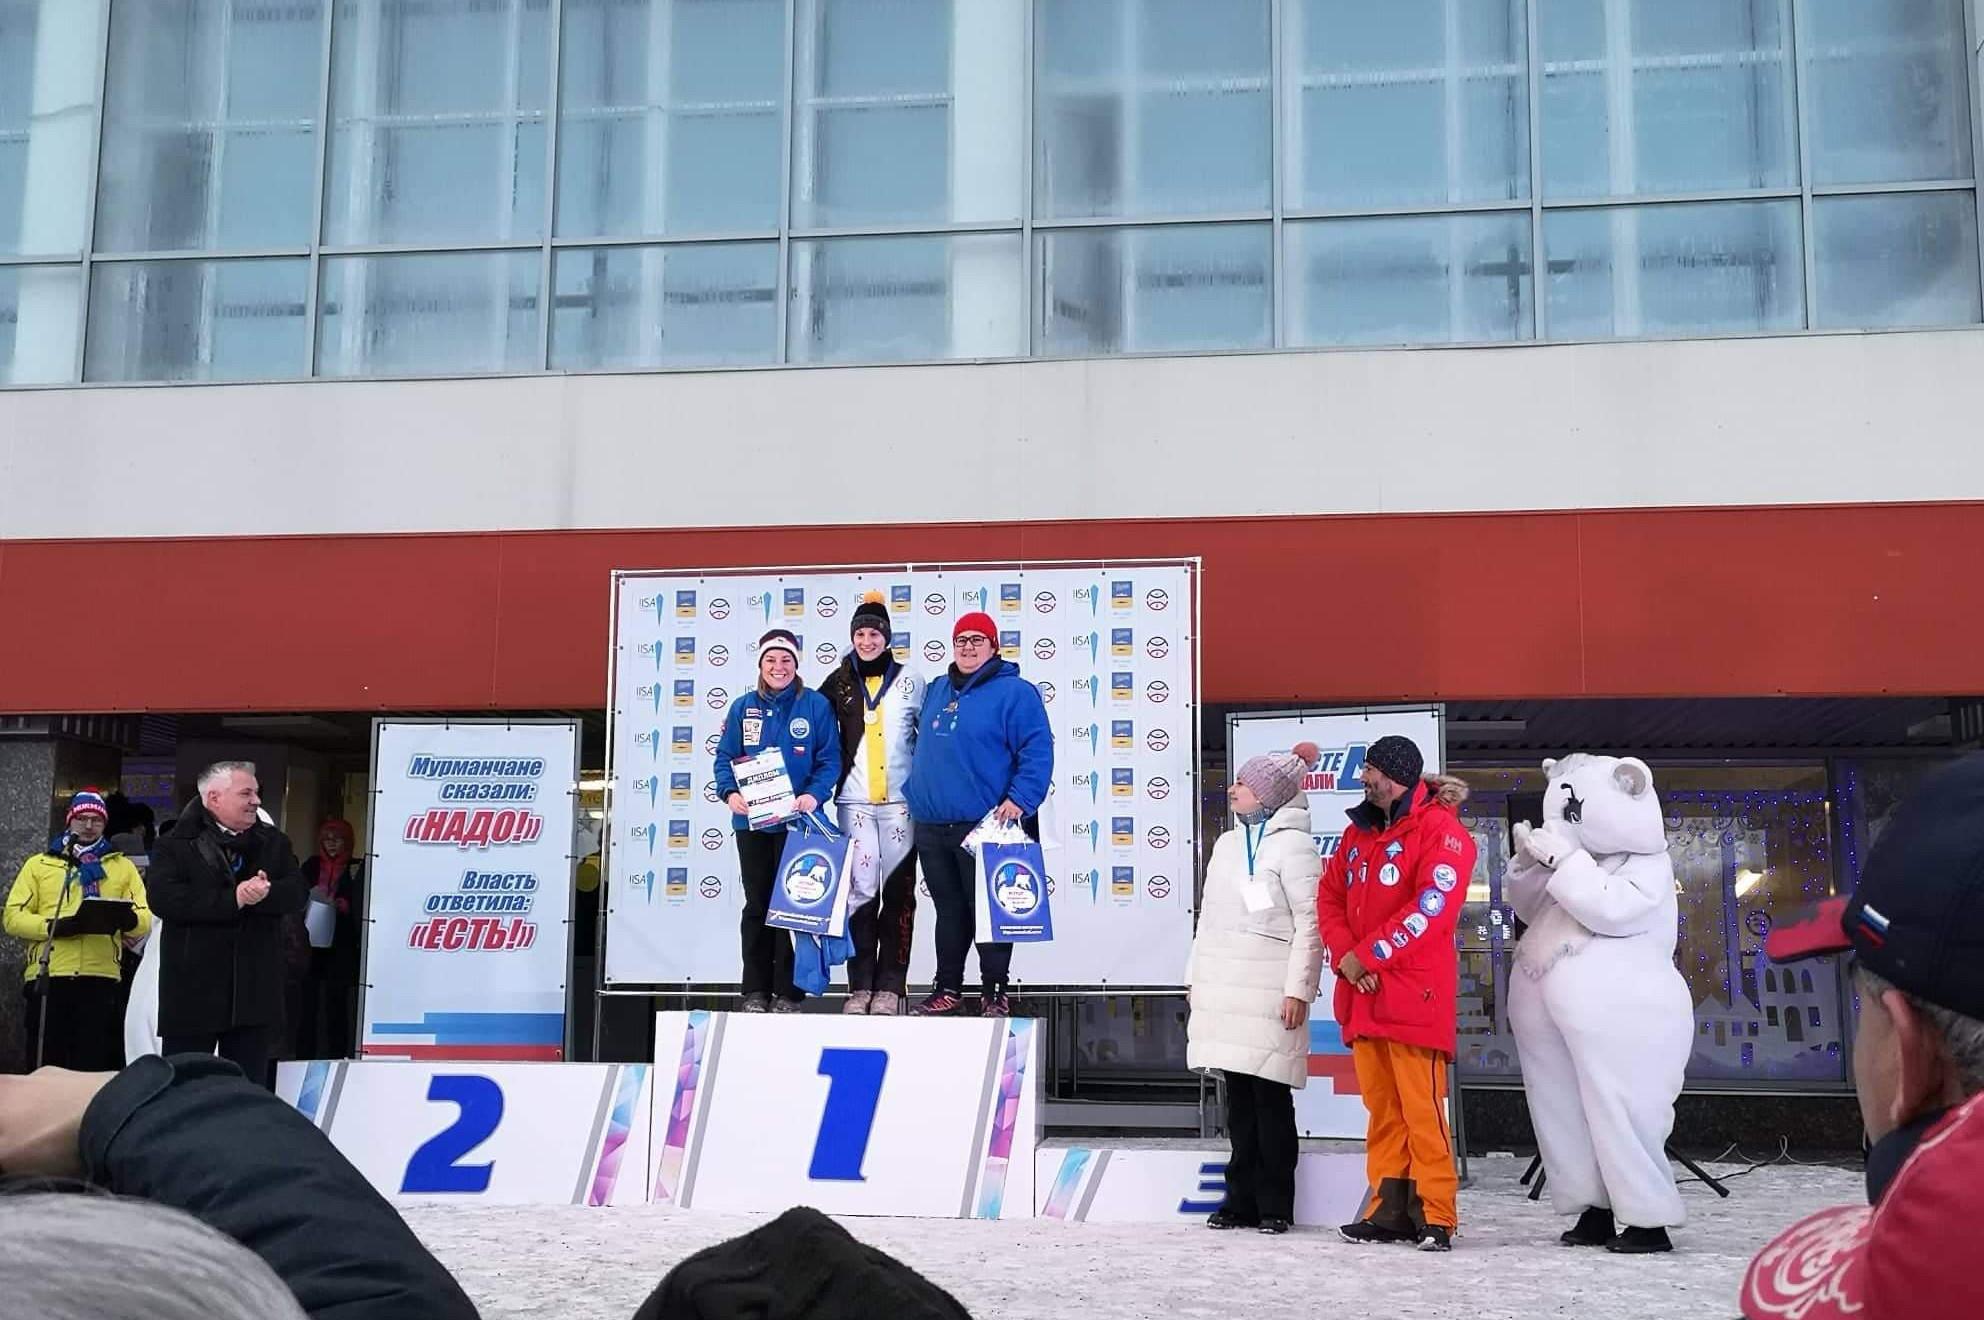 Yasmine Pliessnig - dritter platz beim Acrtic Cup in Murmansk russland im Eisschwimmen